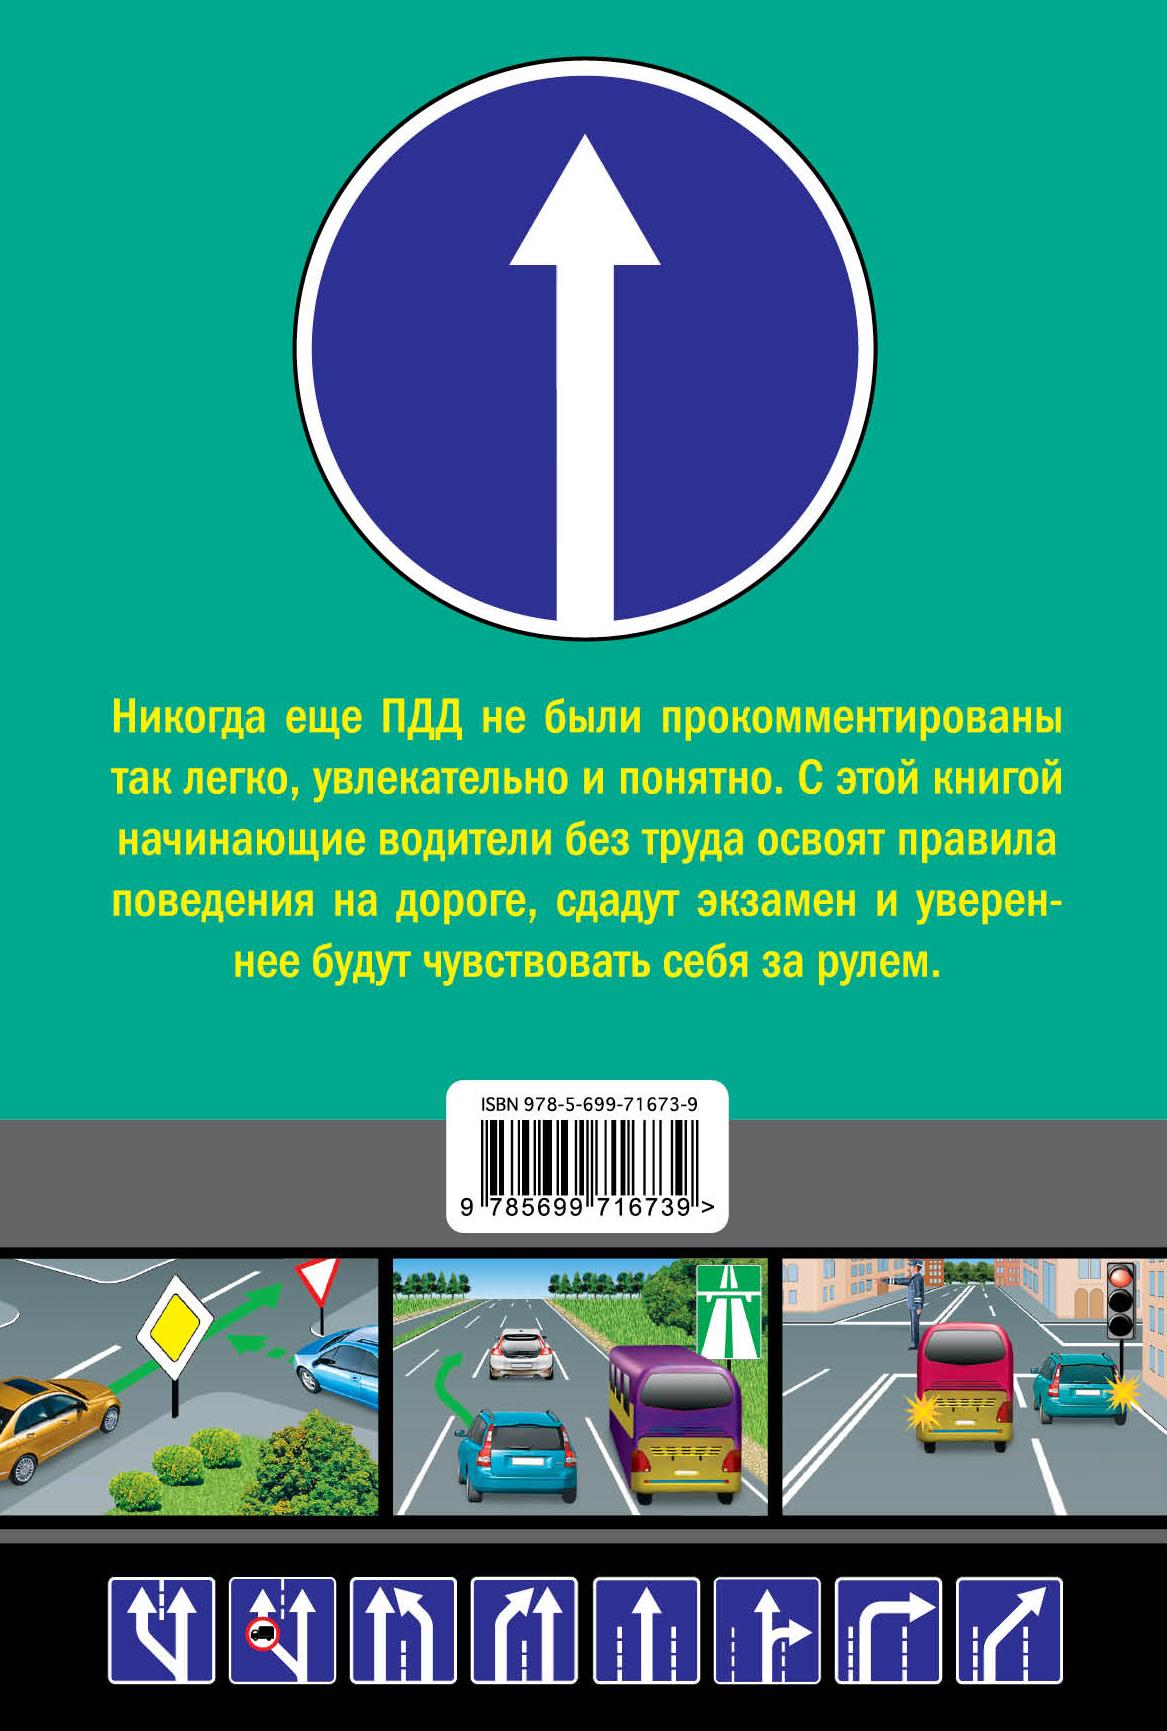 Правила дорожного движения для начинающих 2014 со всеми последними изменениями